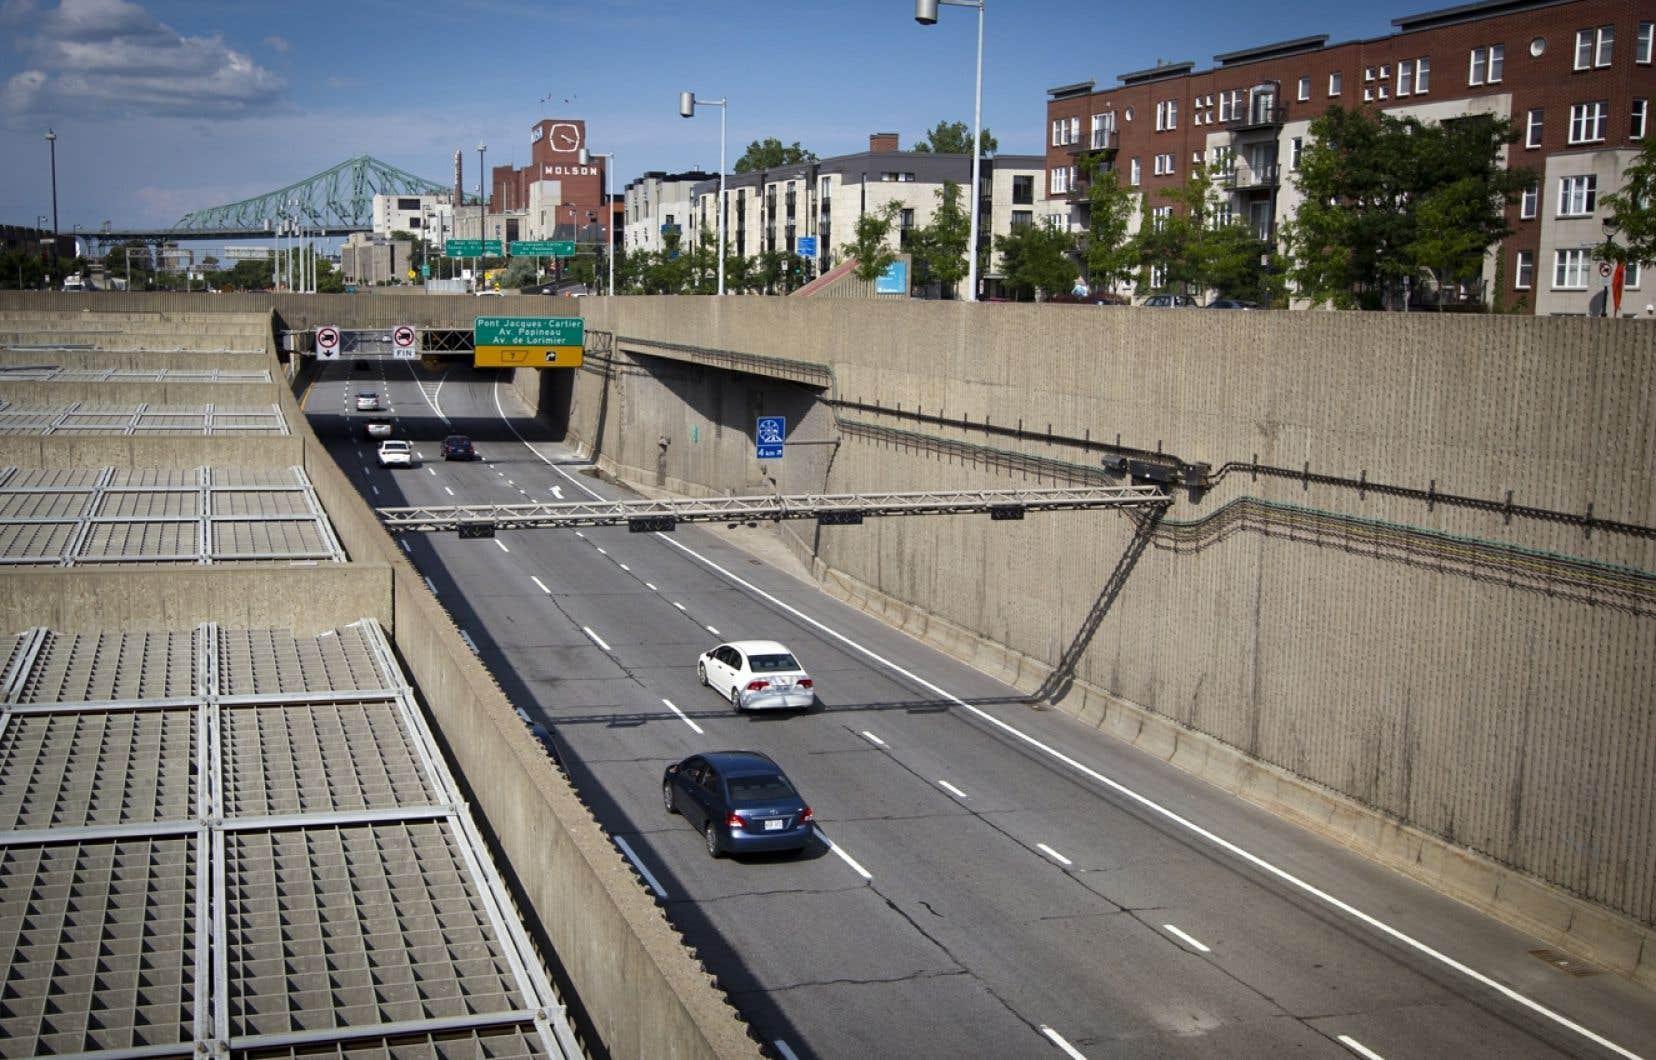 L'an dernier, une étude avait révélé qu'il en coûterait 1,5 milliard de dollars pour recouvrir l'autoroute Ville-Marie entre la rue Saint-Urbain et l'avenue De Lorimier, soit sur 1,5 kilomètre.